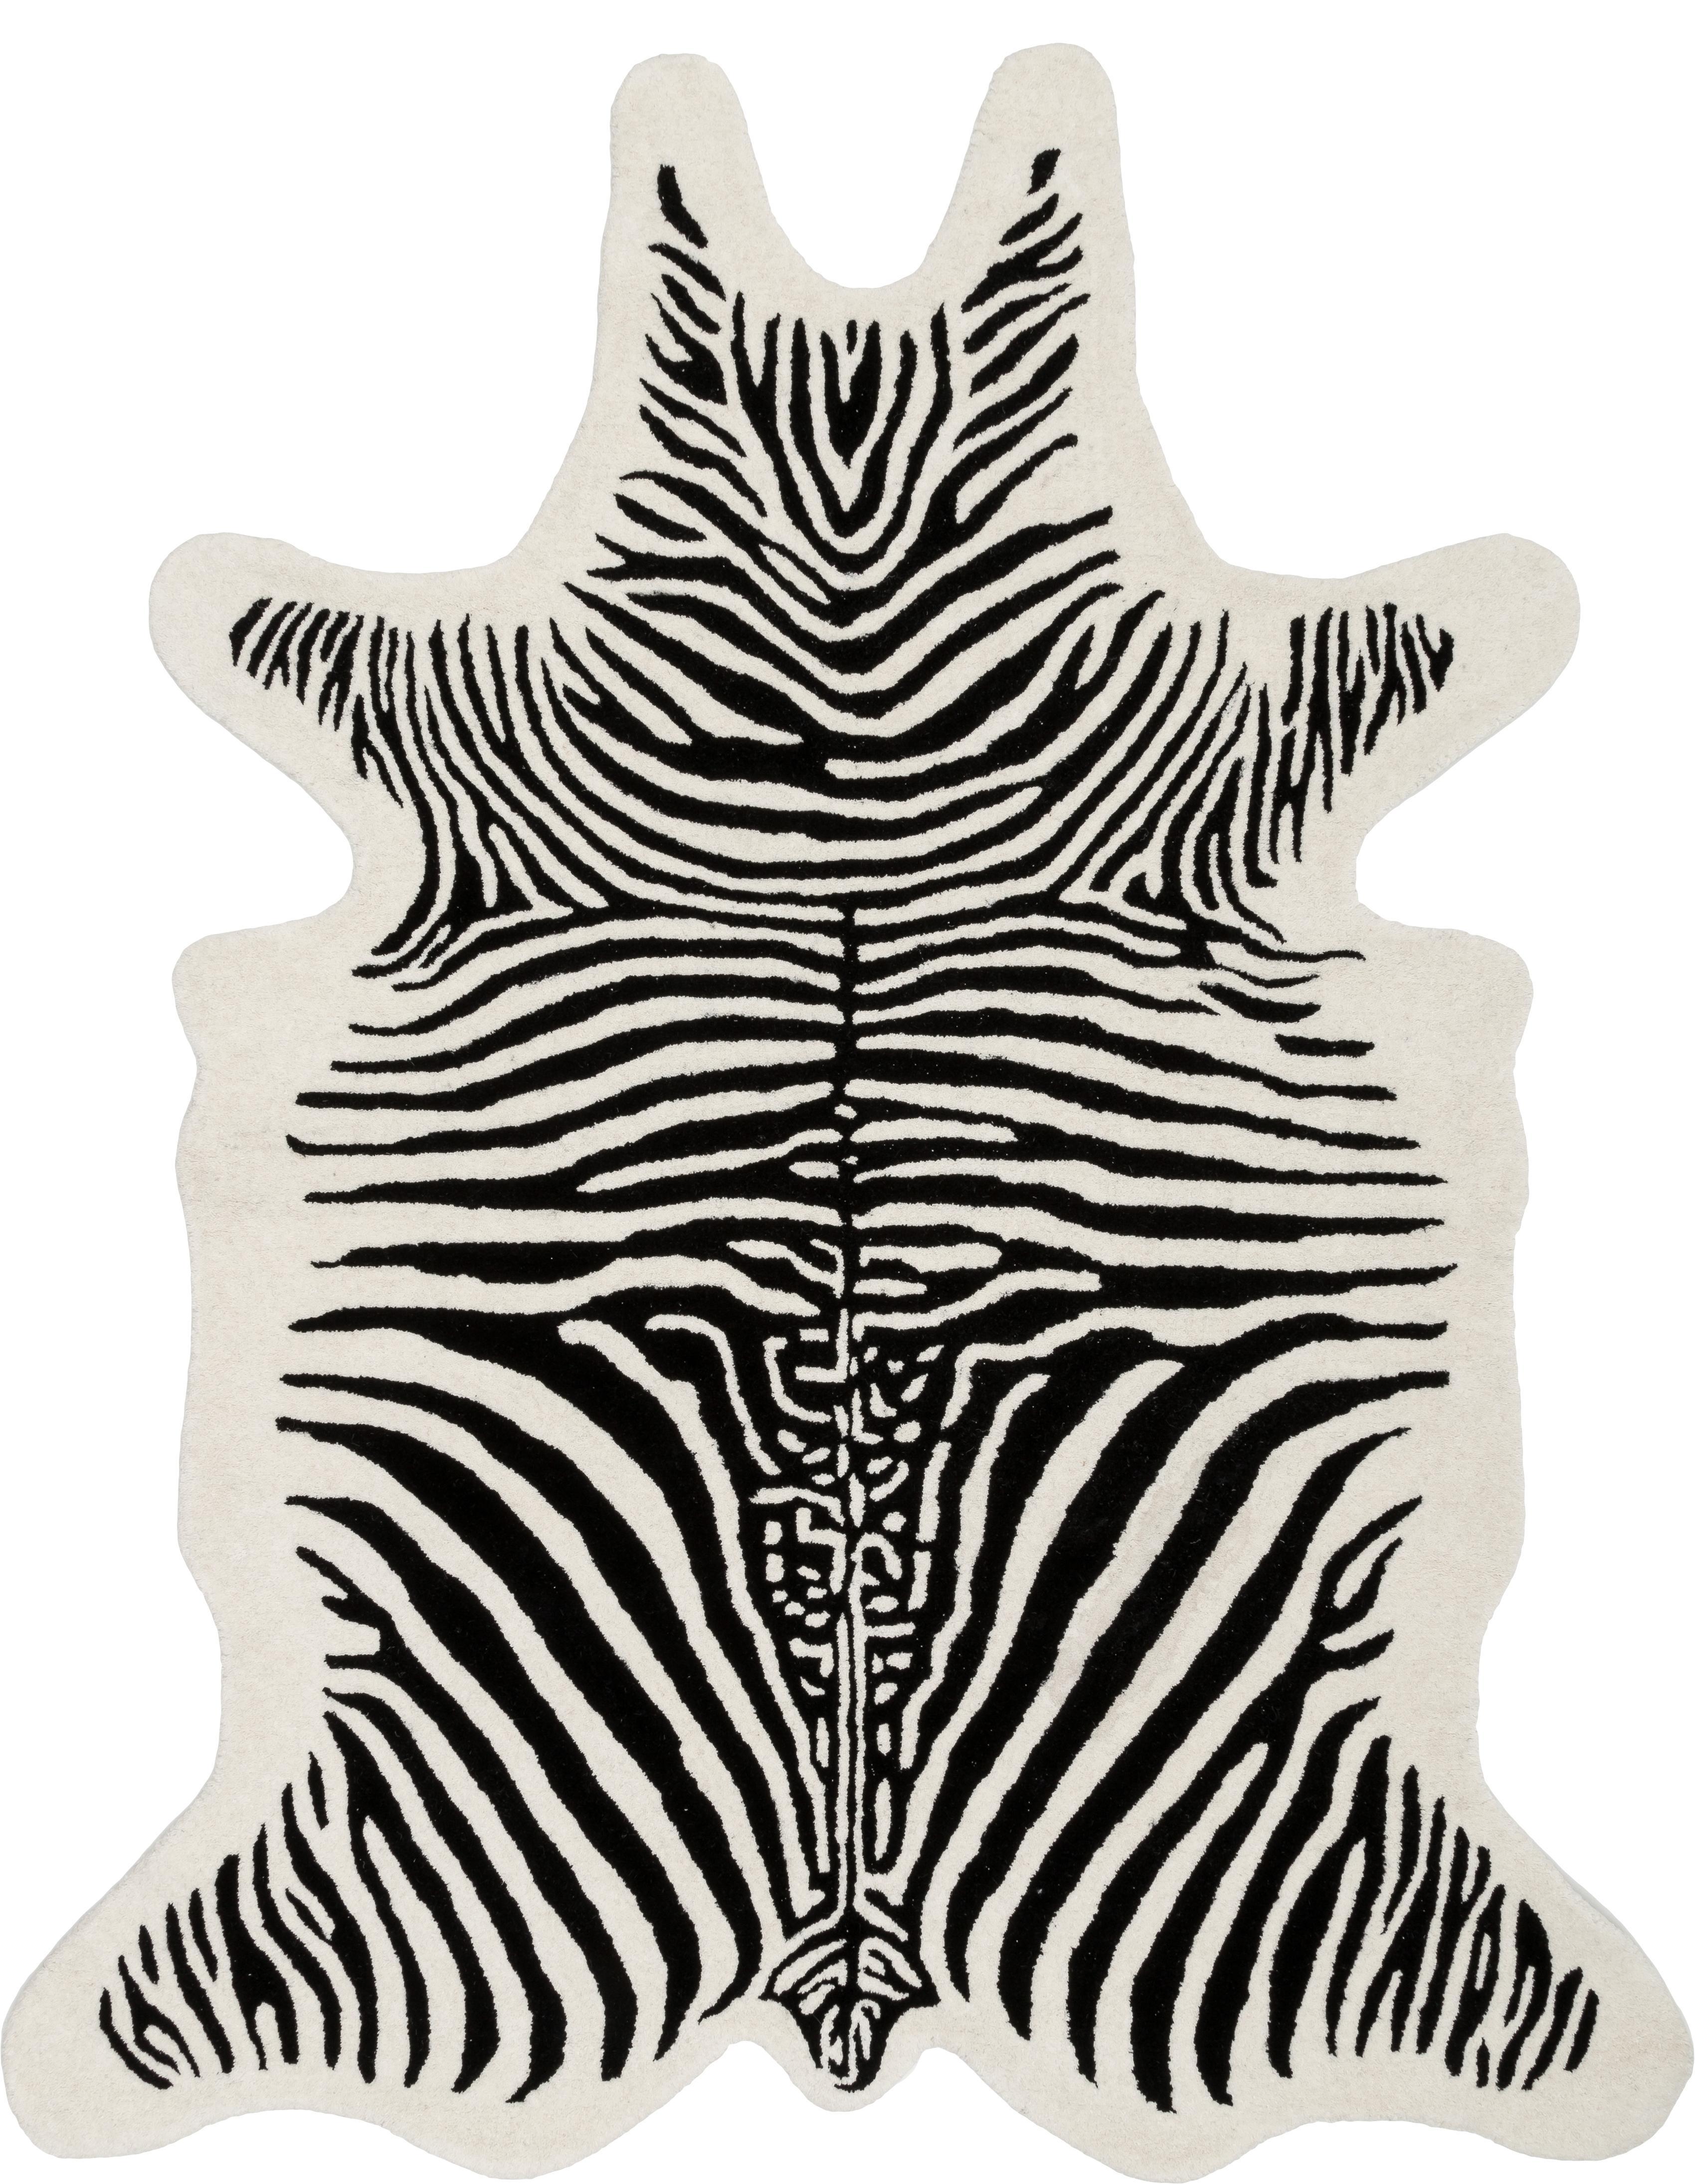 Tappeto in lana taftato a mano Sahara, Retro: 100% cotone, Nero, crema, Larg.160 x Lung. 200 cm  (taglia M)